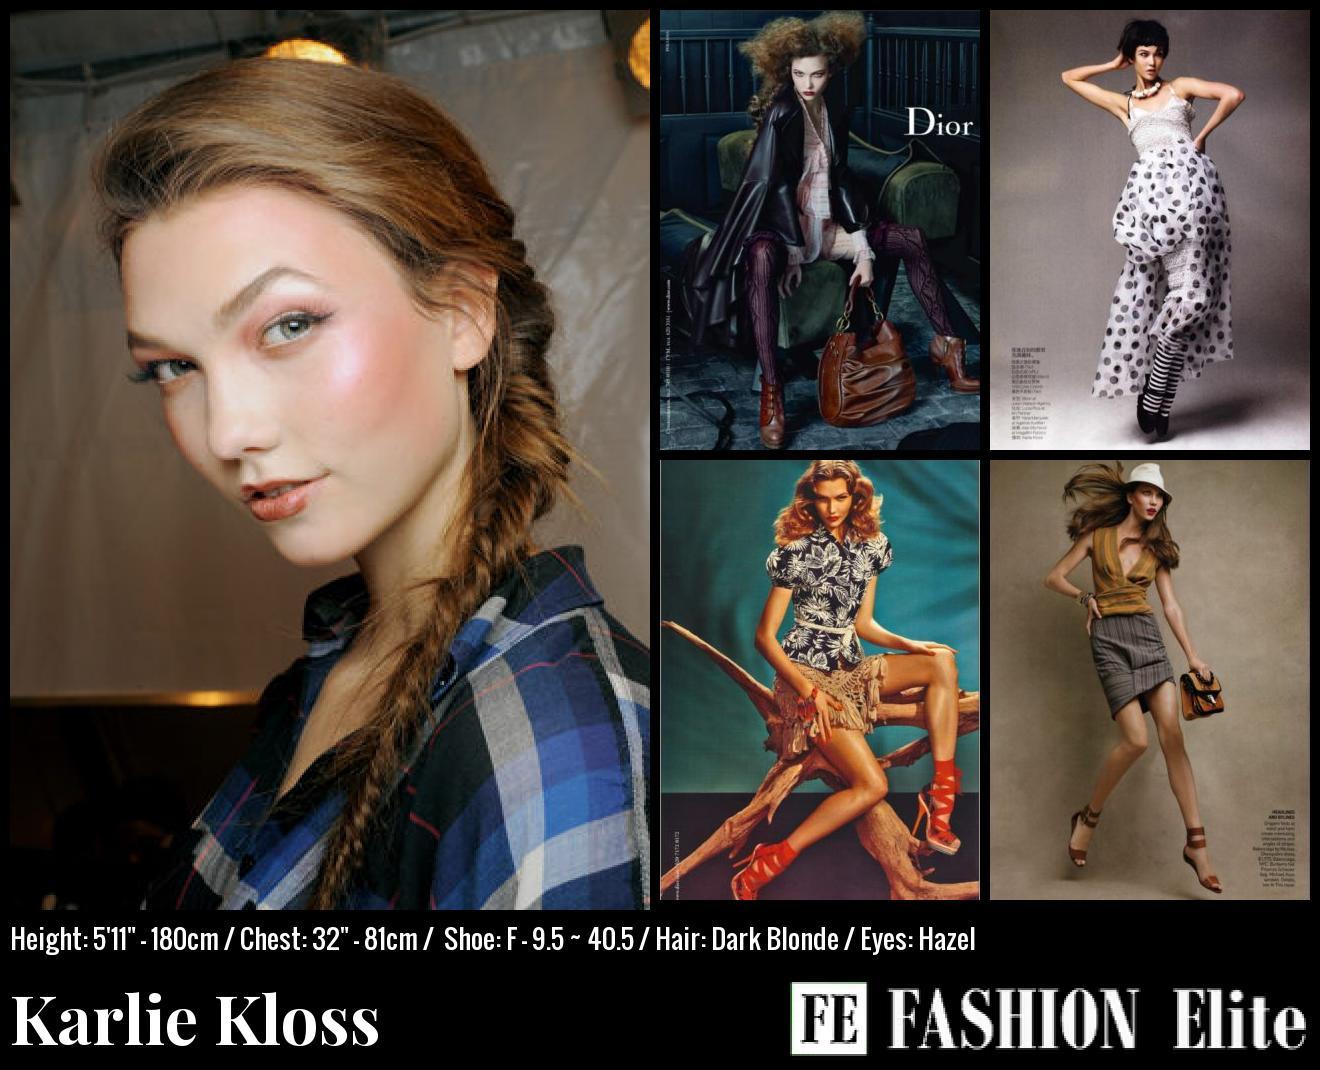 Karlie Kloss Comp Card